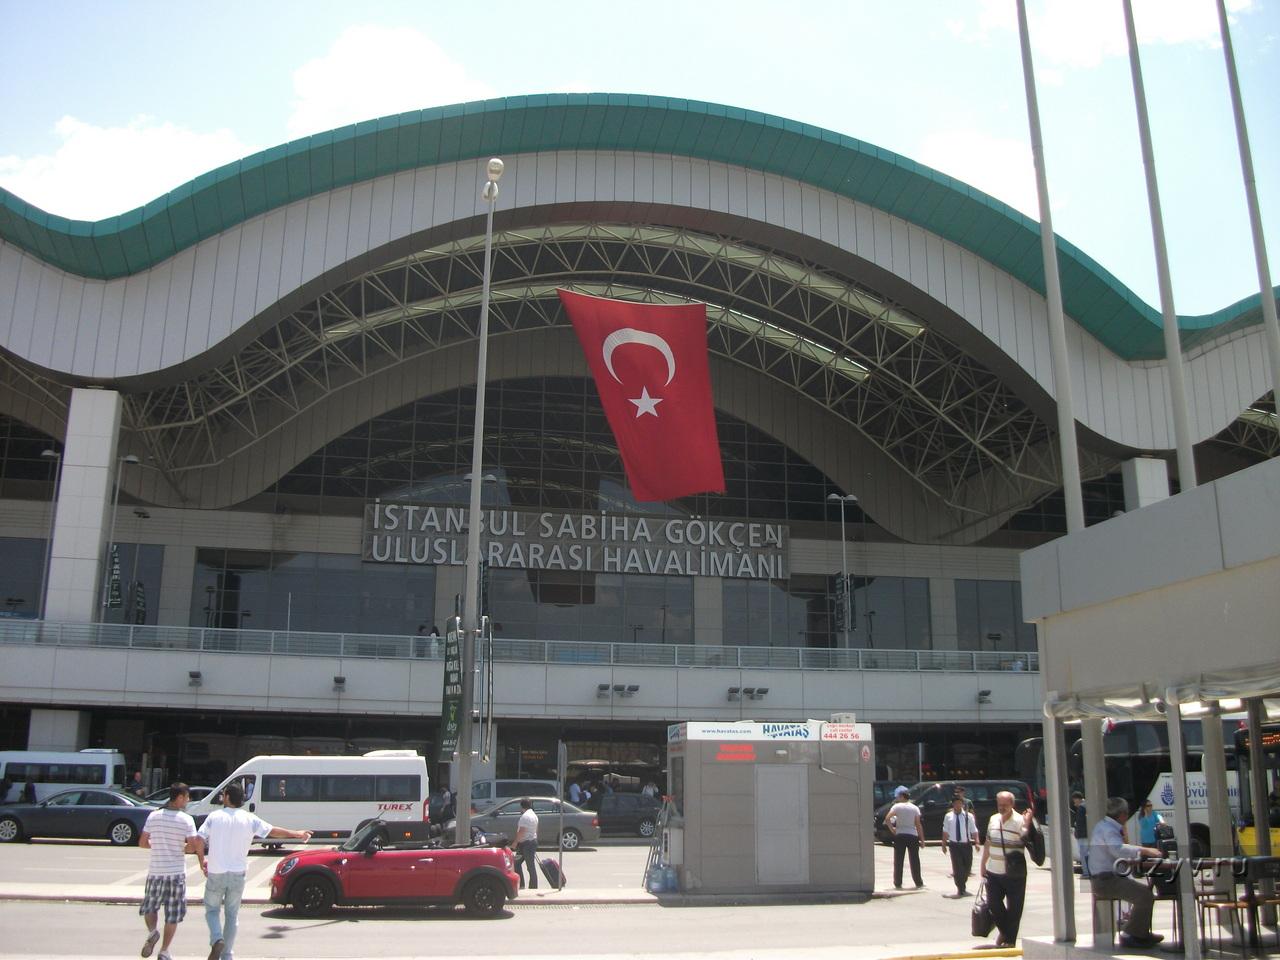 f07c0946162c Перед отъездом был прочитан не 1 кг информации про Стамбул и клавиши компа  при написании города уже заедали  ) И несмотря на это было решено 2 ночи  провести ...